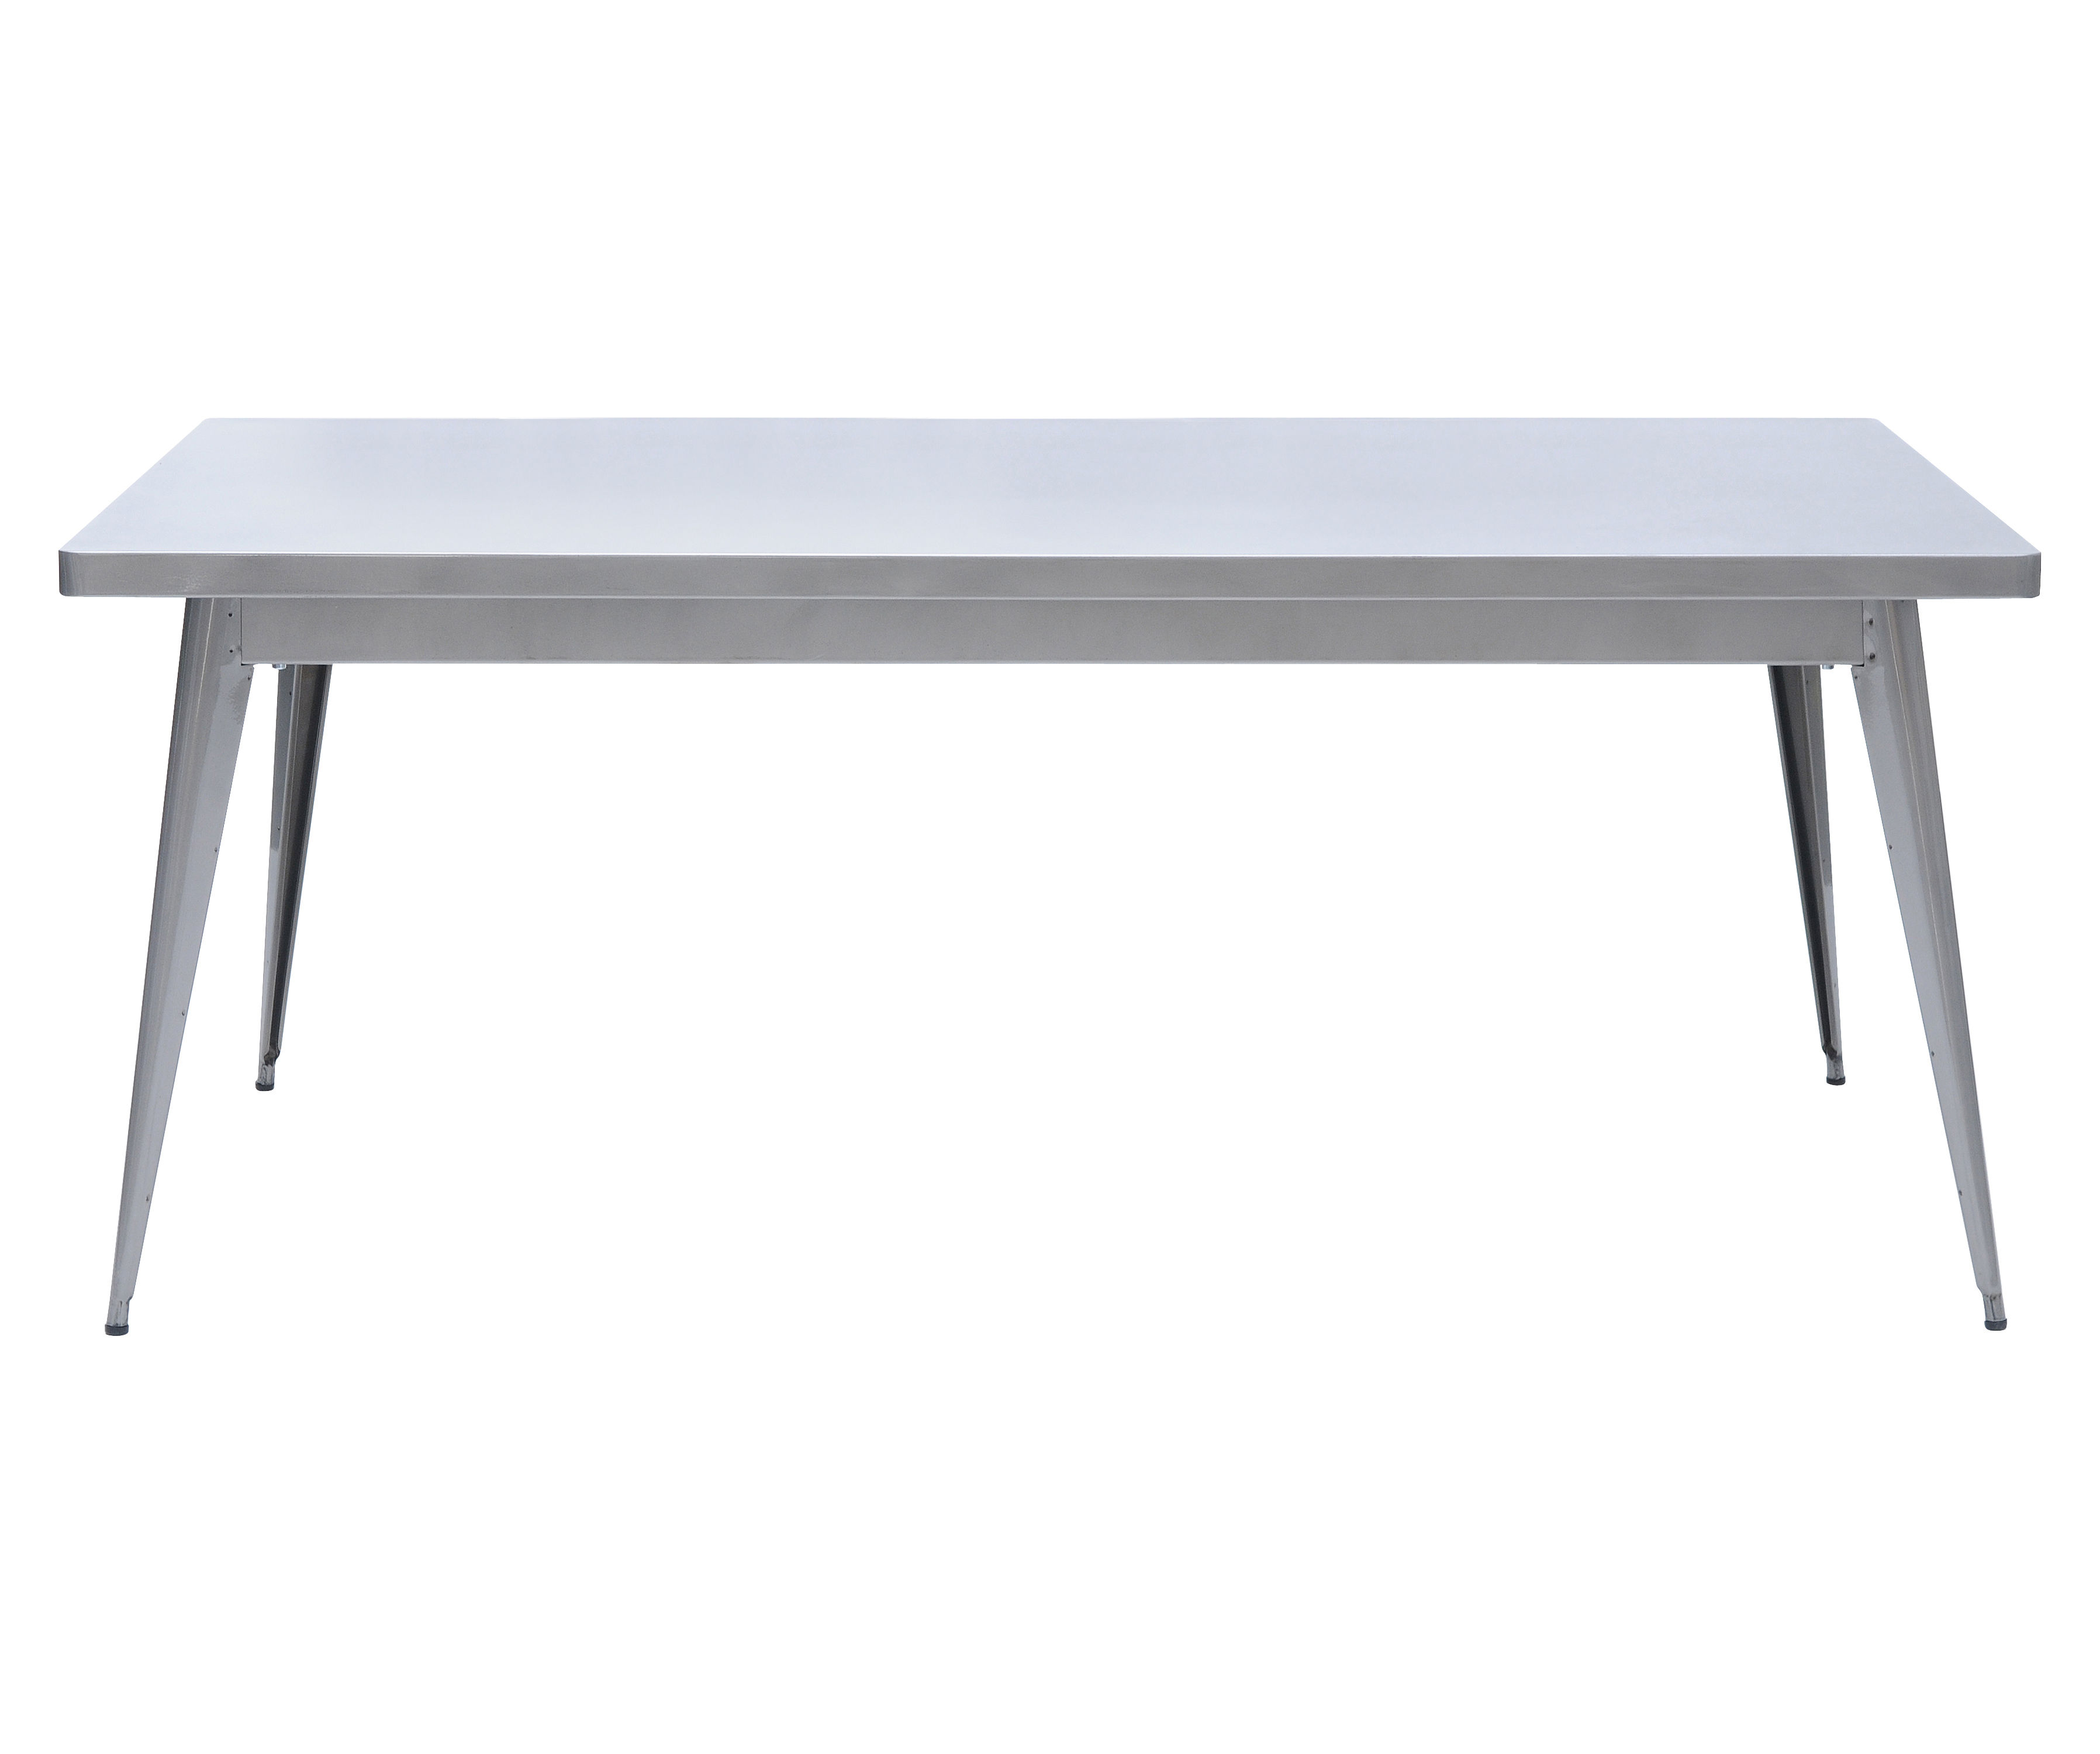 Mobilier - Tables - Table 55 / 190 x 80 cm - Pieds métal - Tolix - Acier brut verni brillant - Acier brut verni brillant